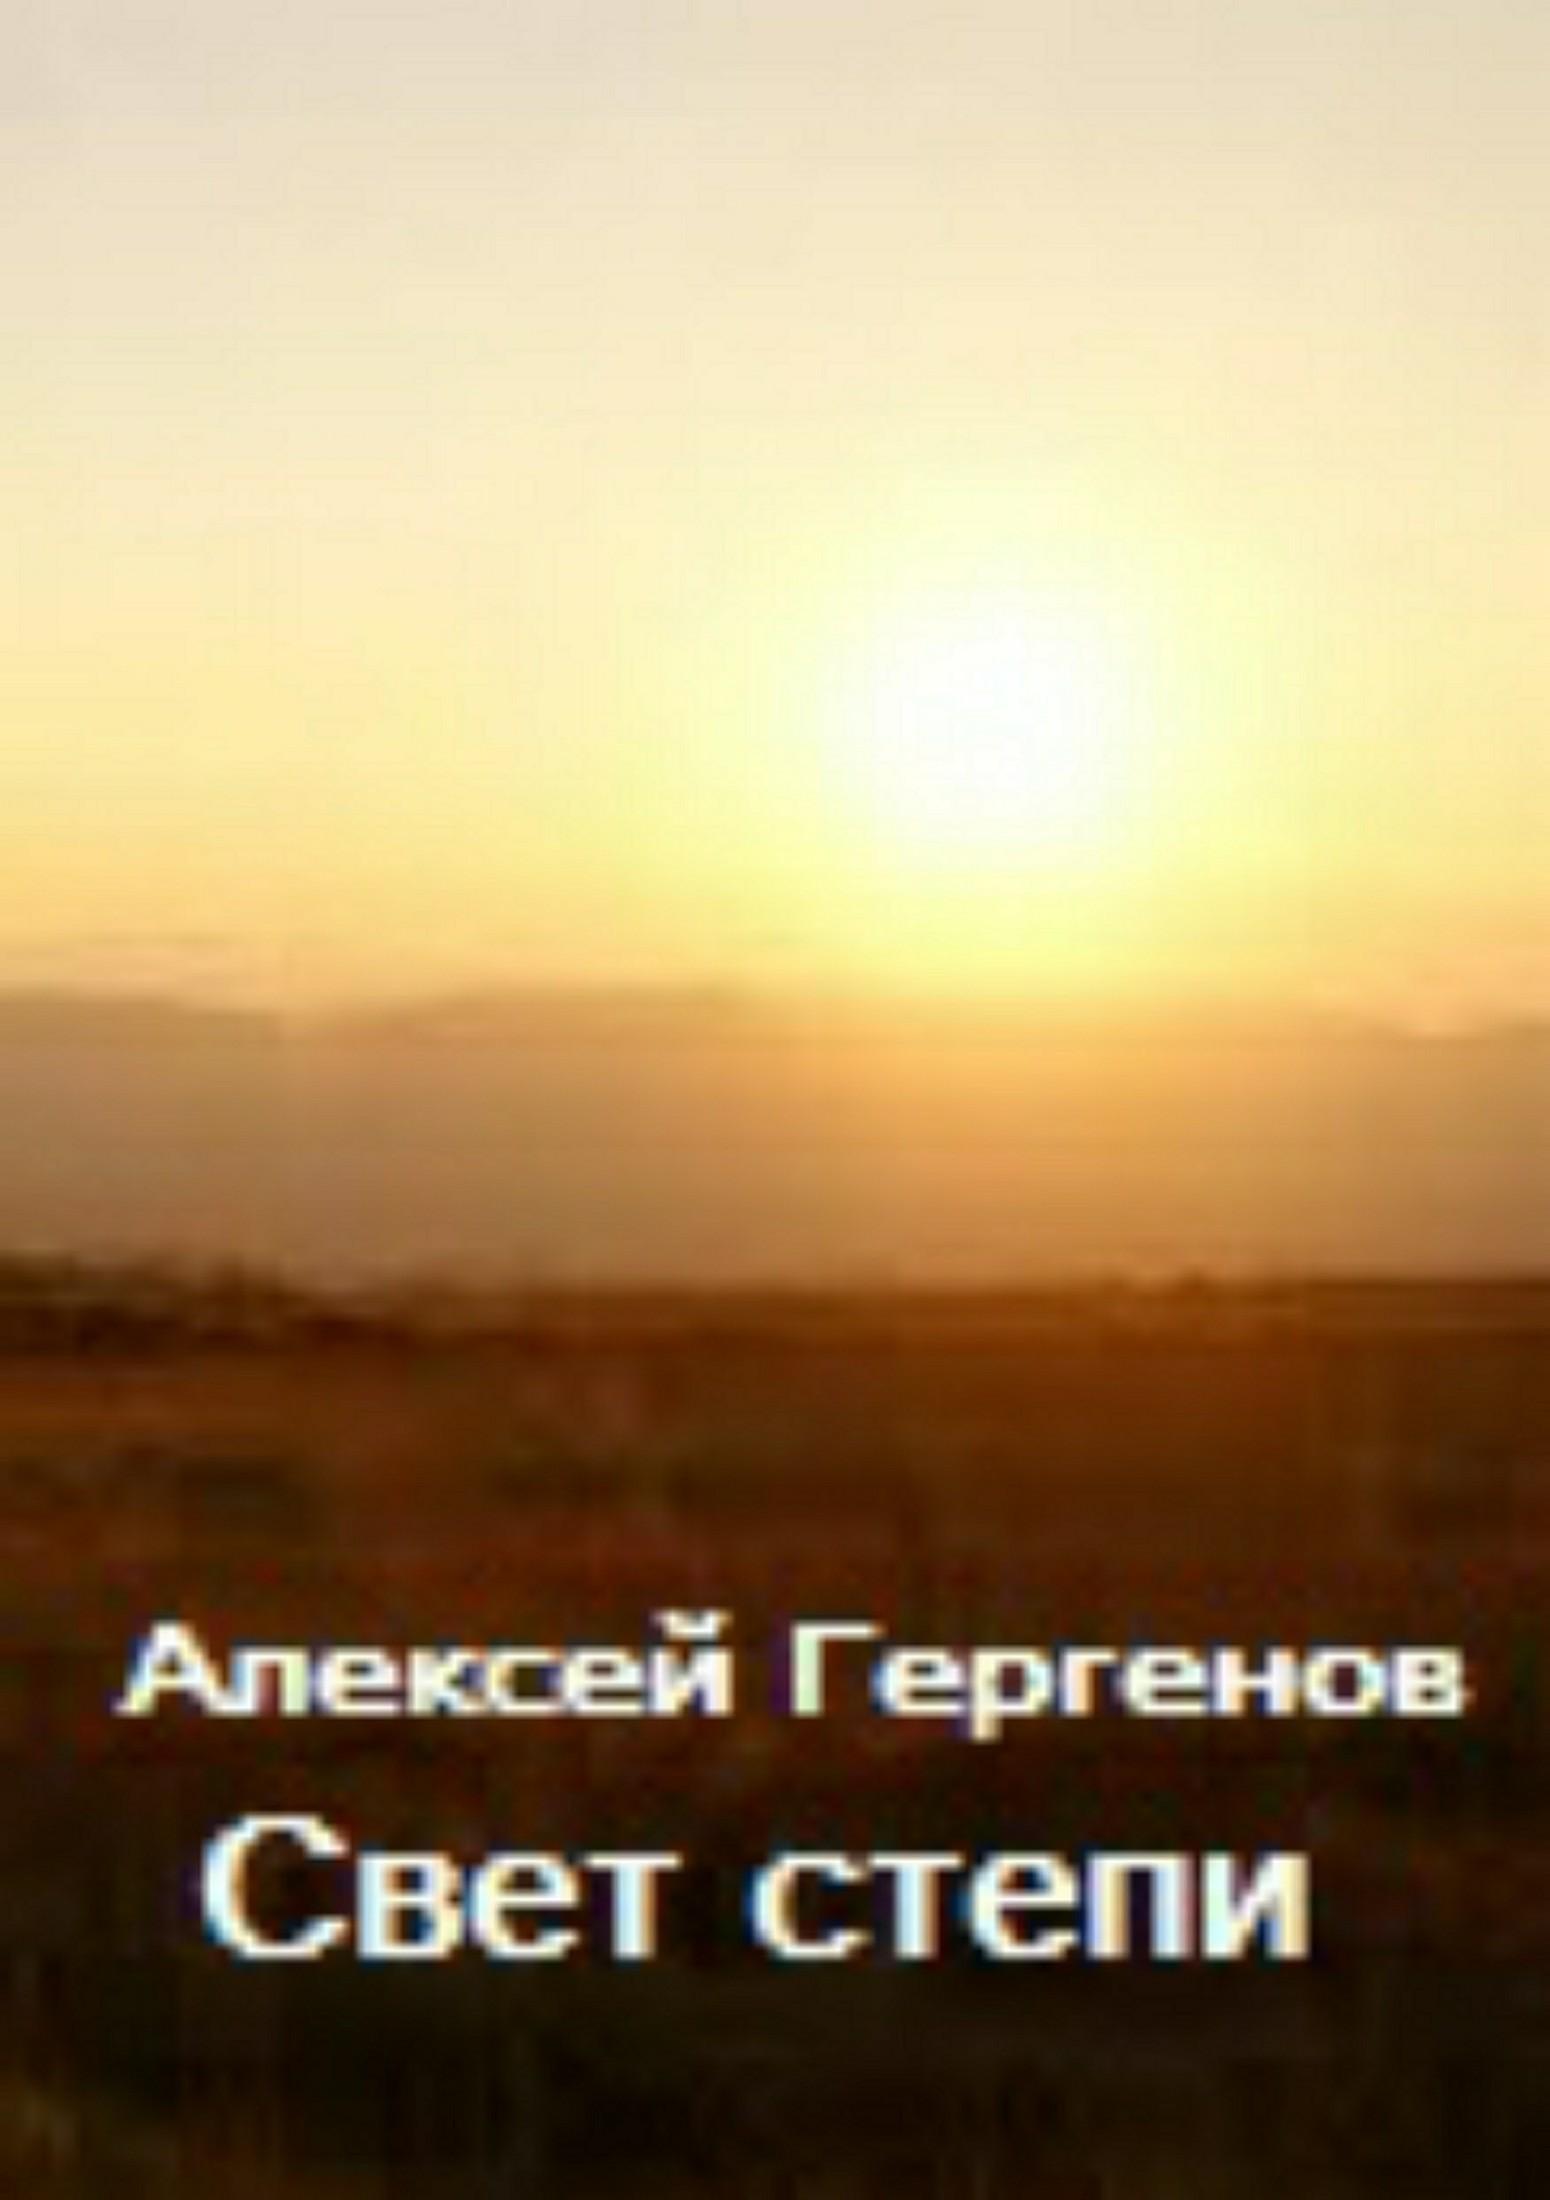 Алексей Юрьевич Гергенов. Свет степи